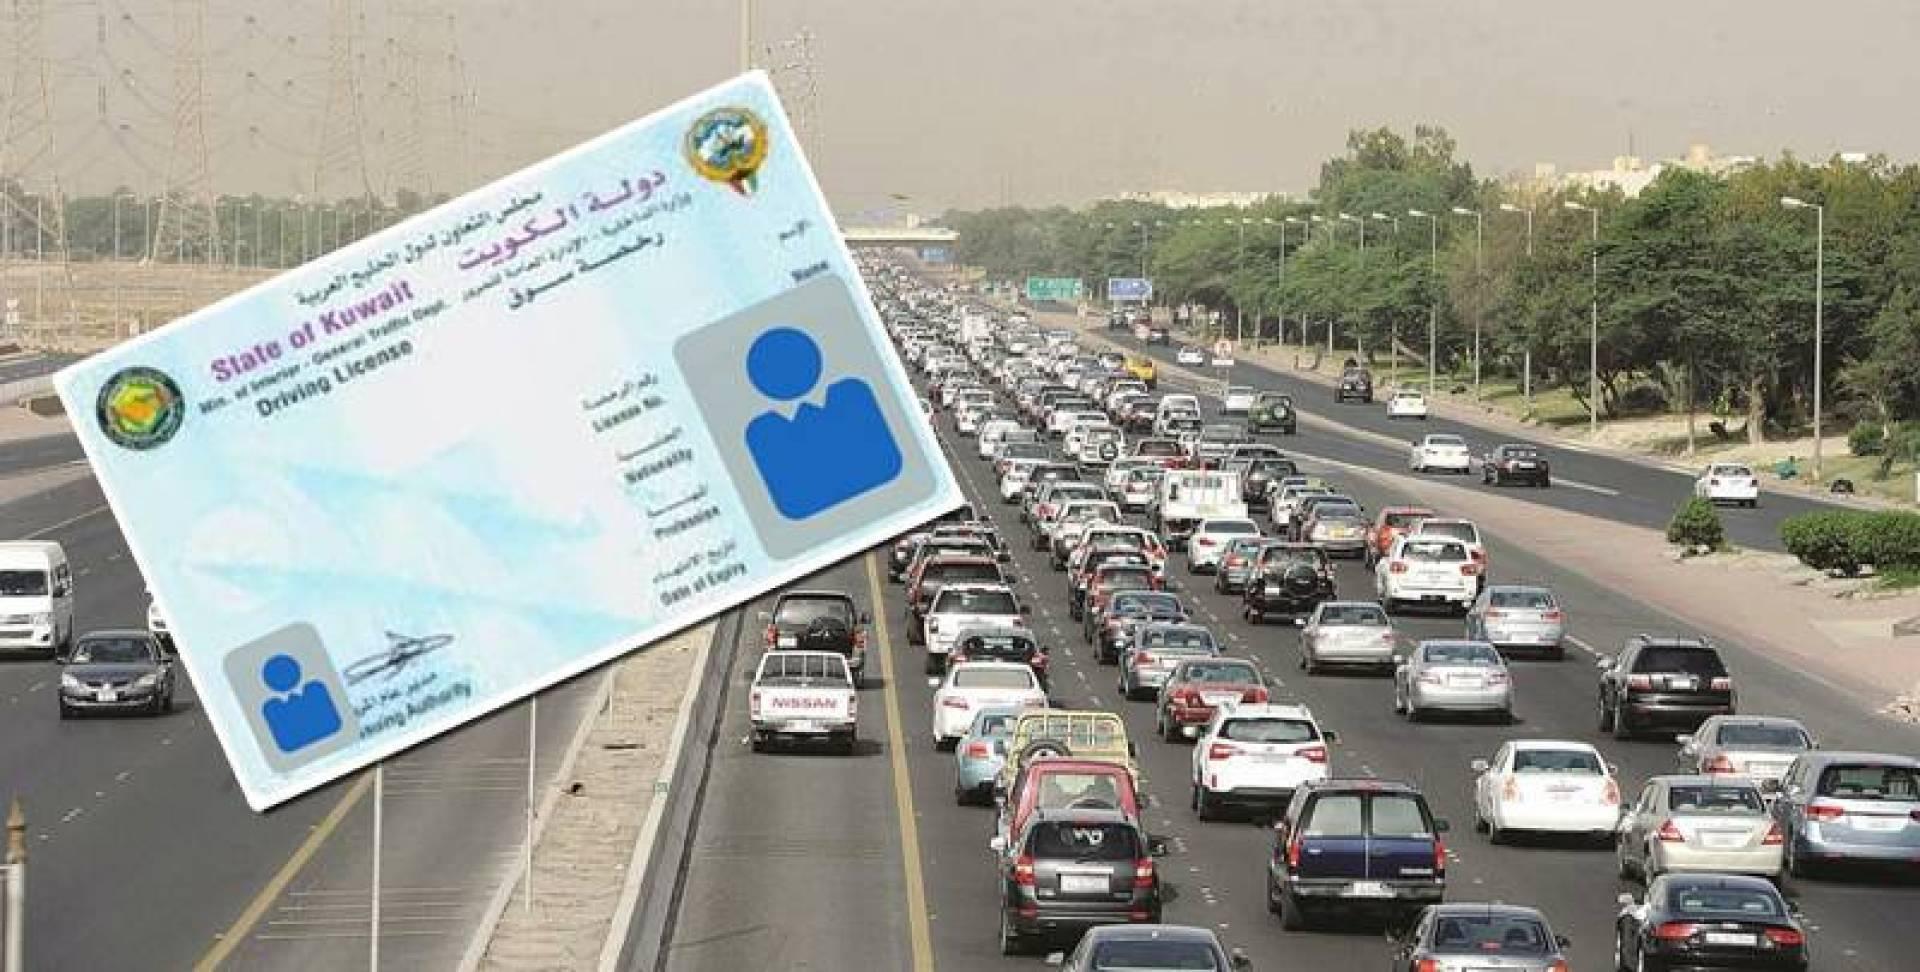 شروط استخراج رخصة قيادة بالكويت 2020